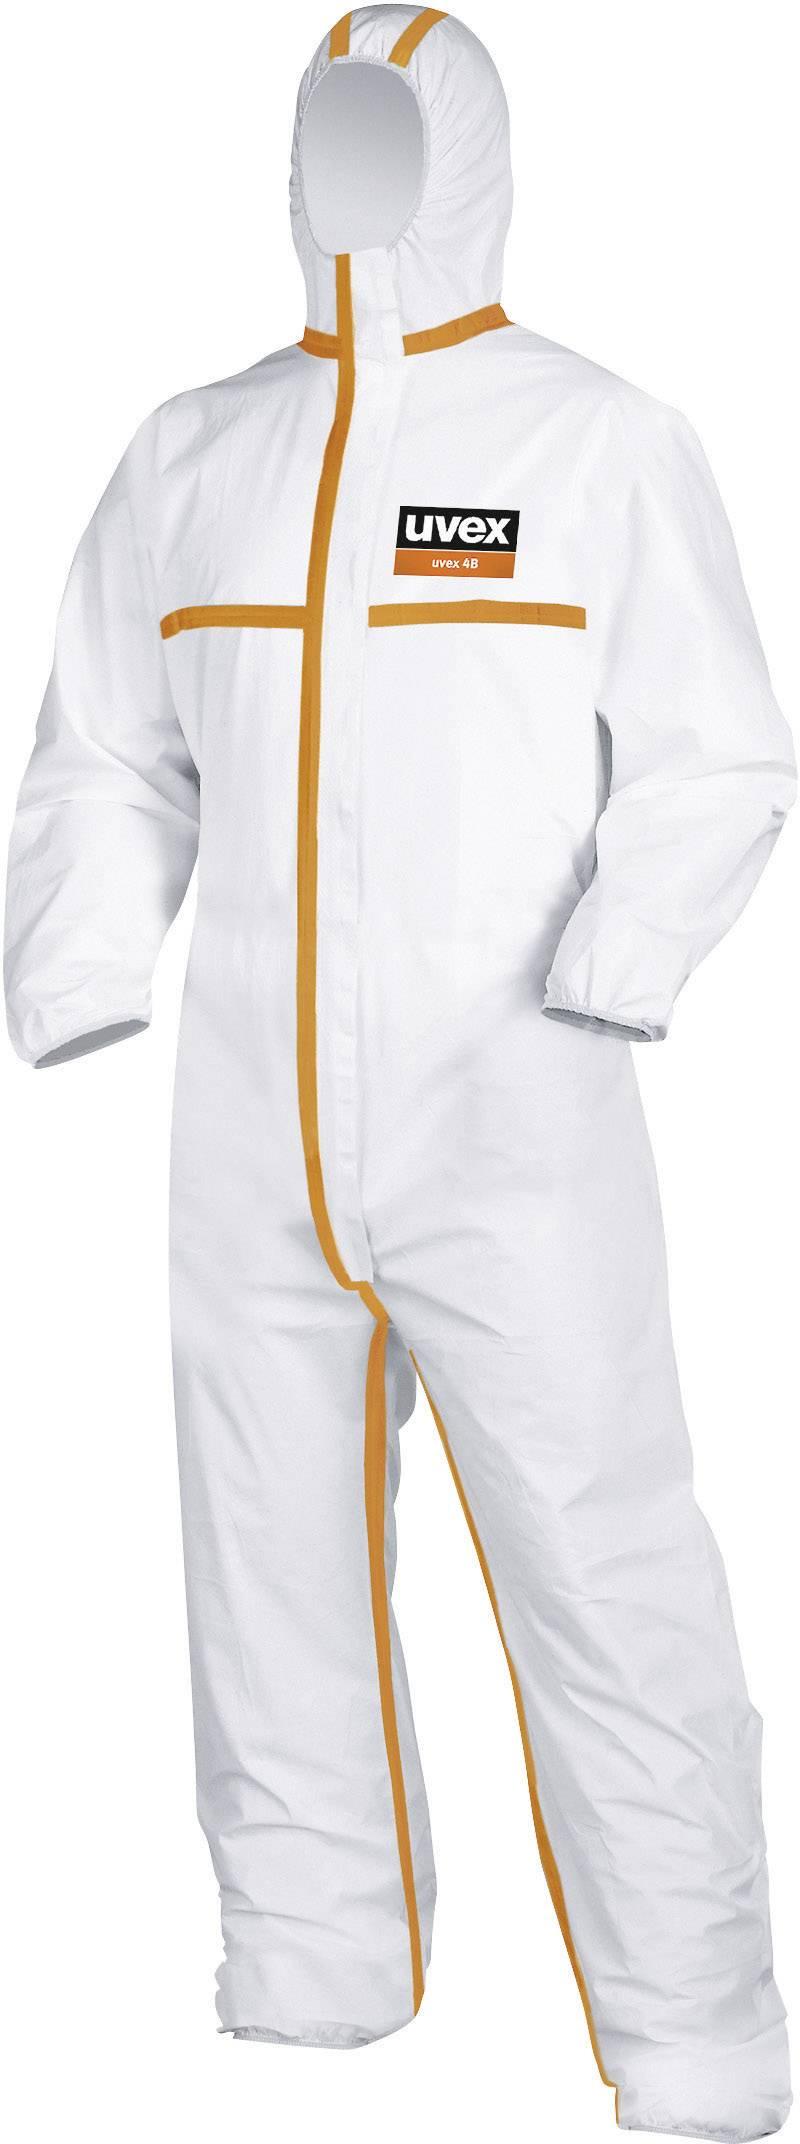 Jednorazové ochranné odevy